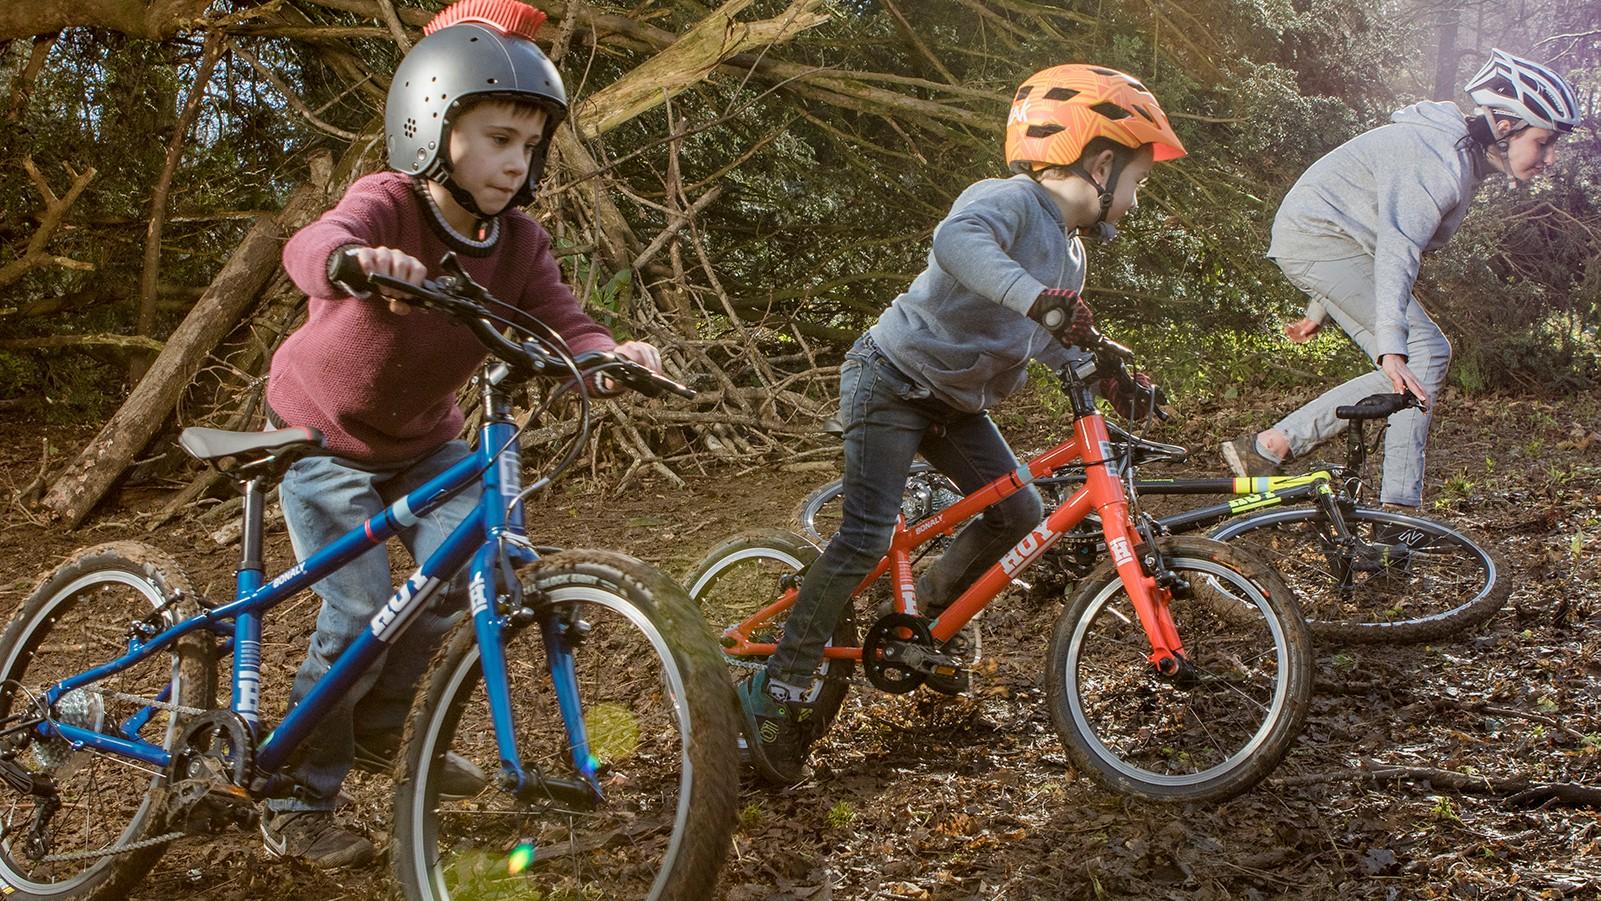 The new HOY Bikes range of kids' bikes